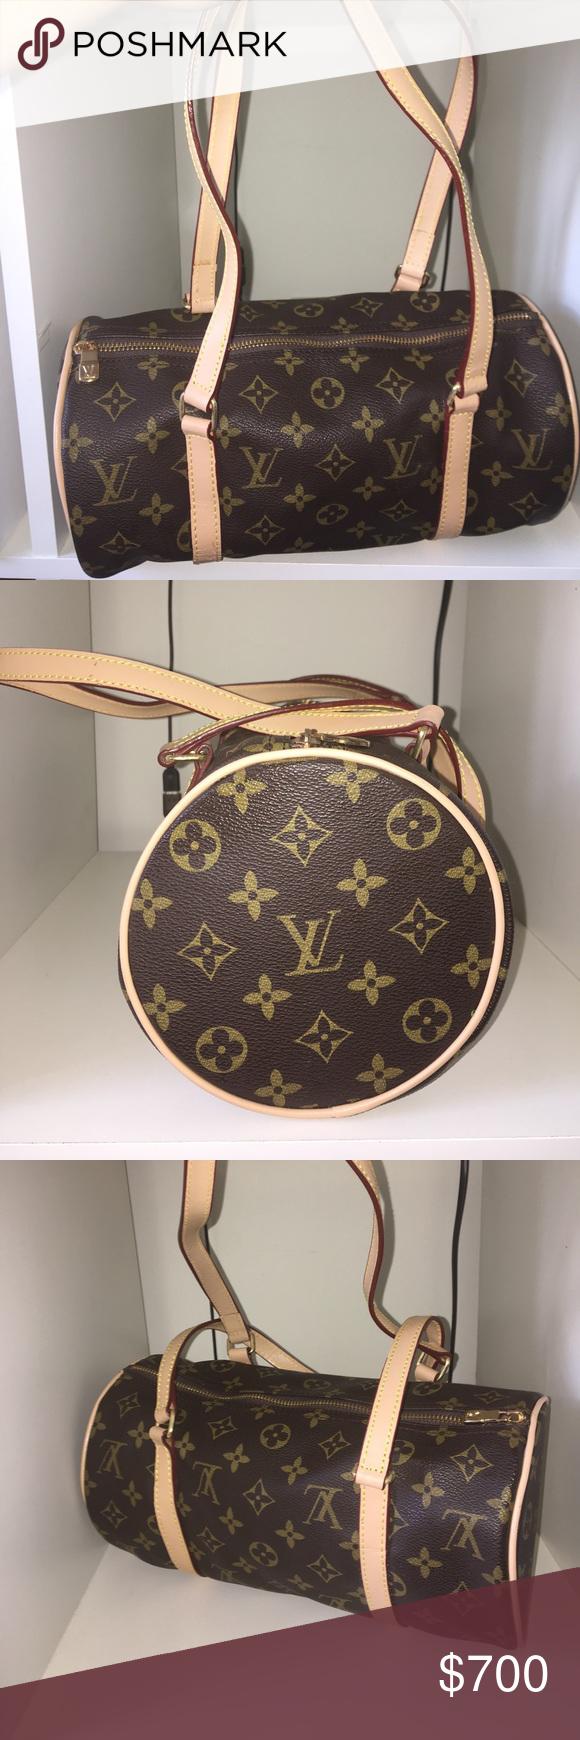 Vintage Papillon Louis Vuitton Bag New never used afa26310d570b